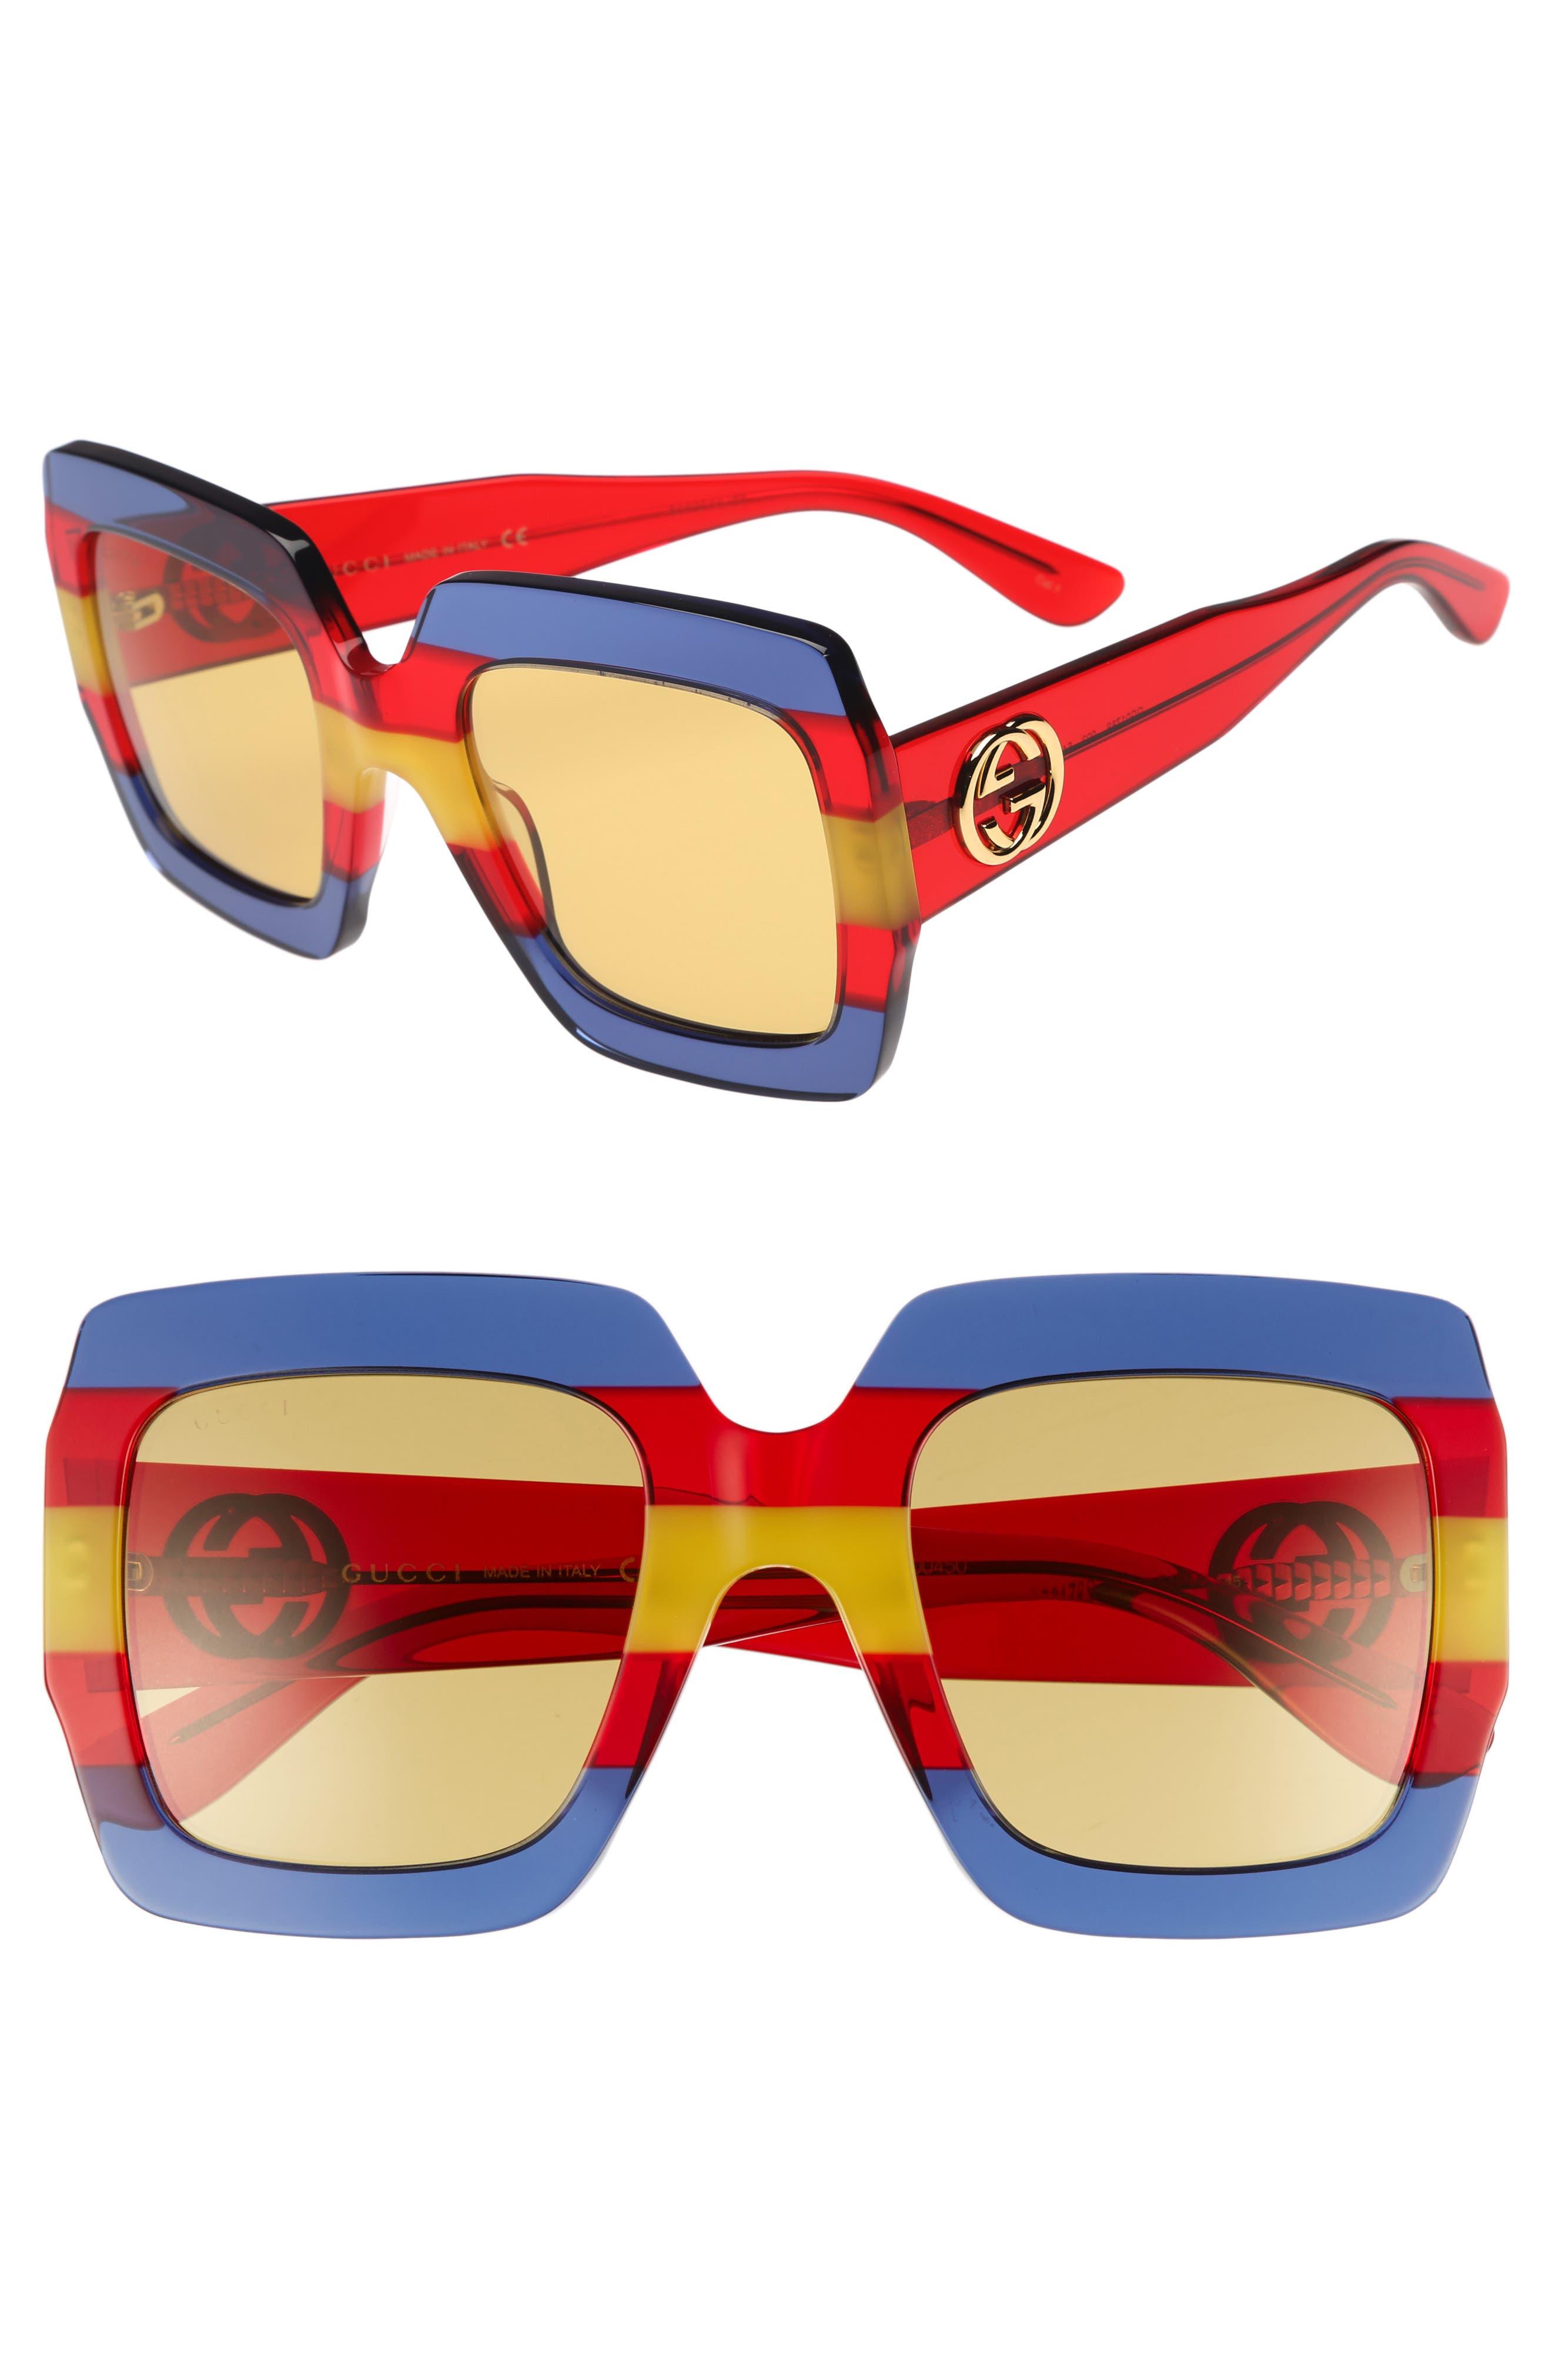 54mm Square Sunglasses,                             Main thumbnail 1, color,                             Multi/ Blue